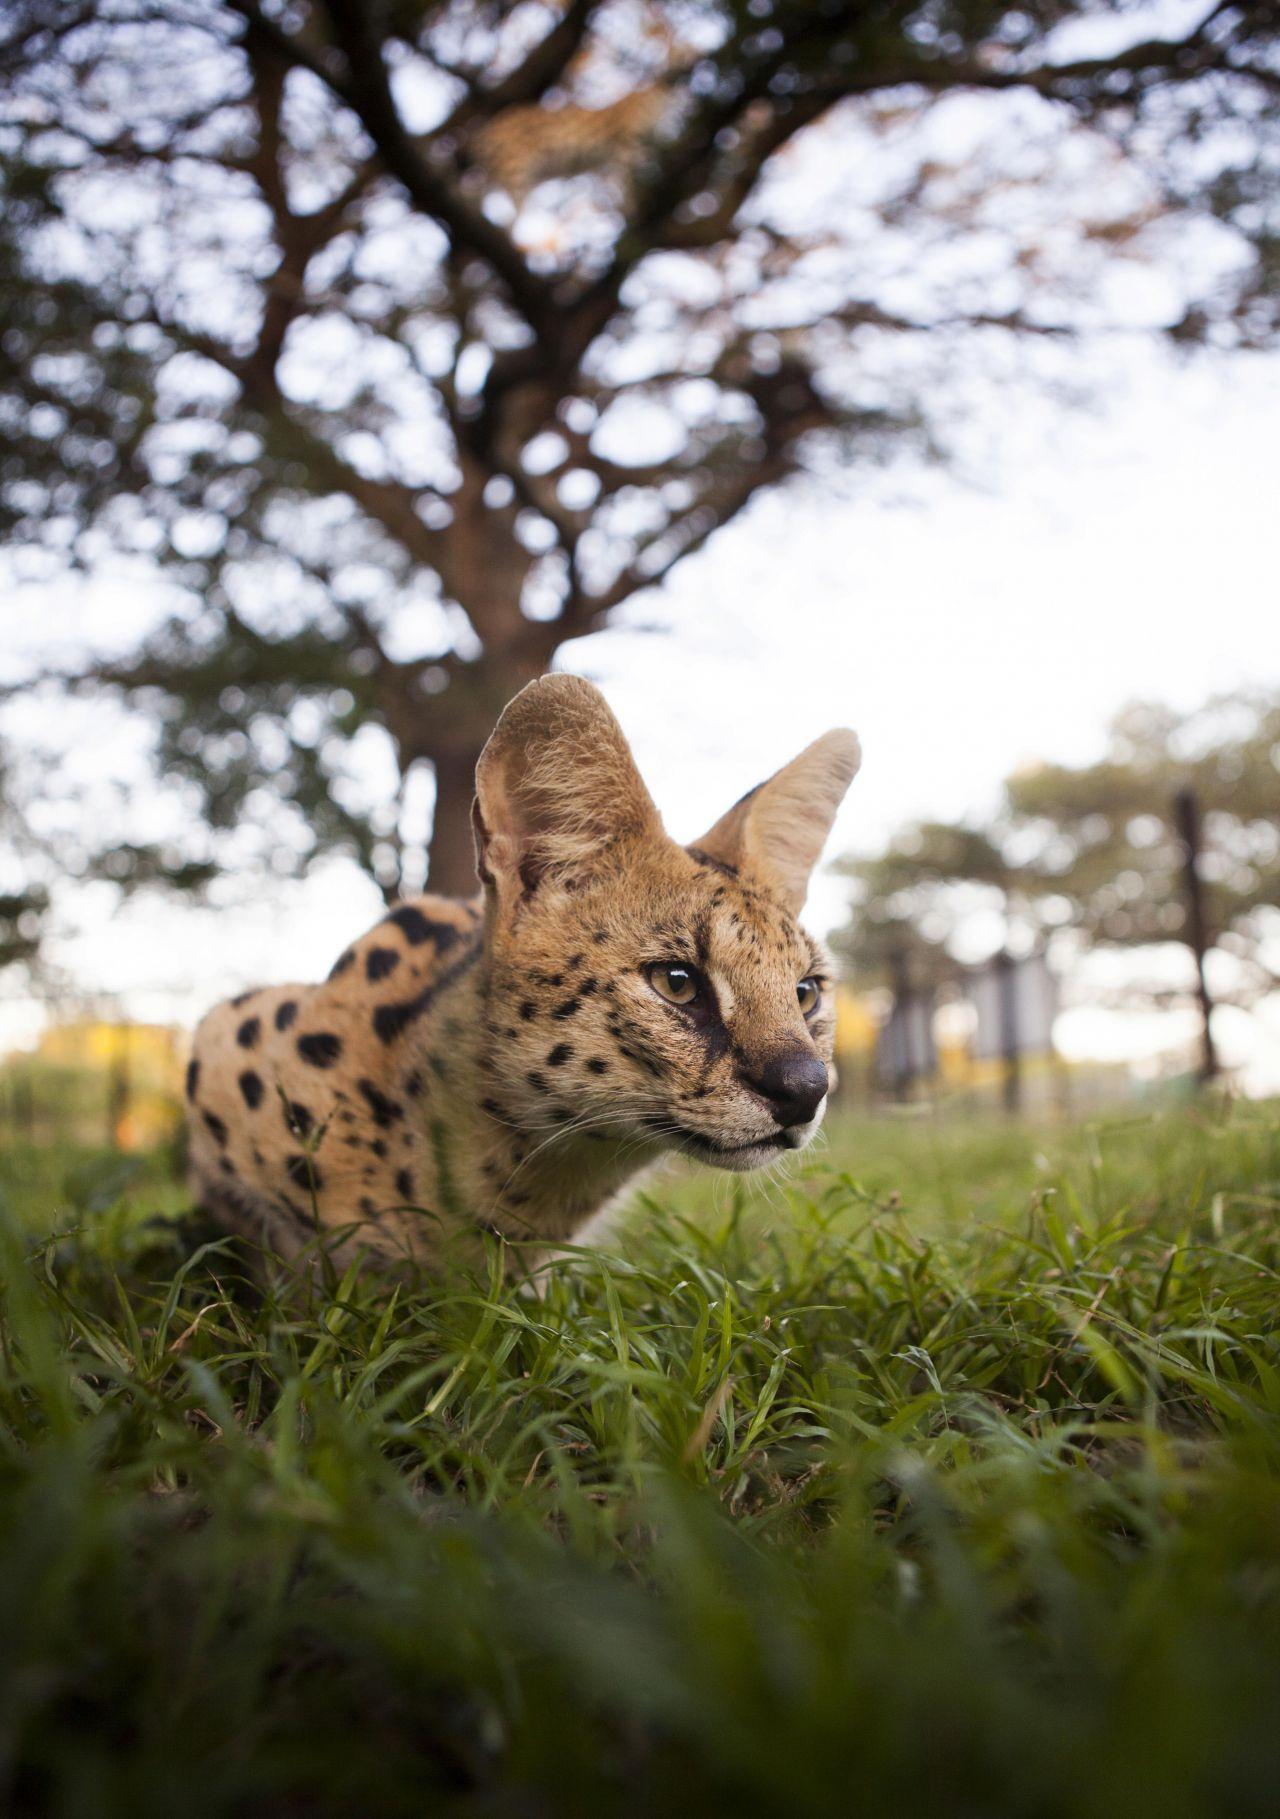 Ein Serval auf der Lauer.